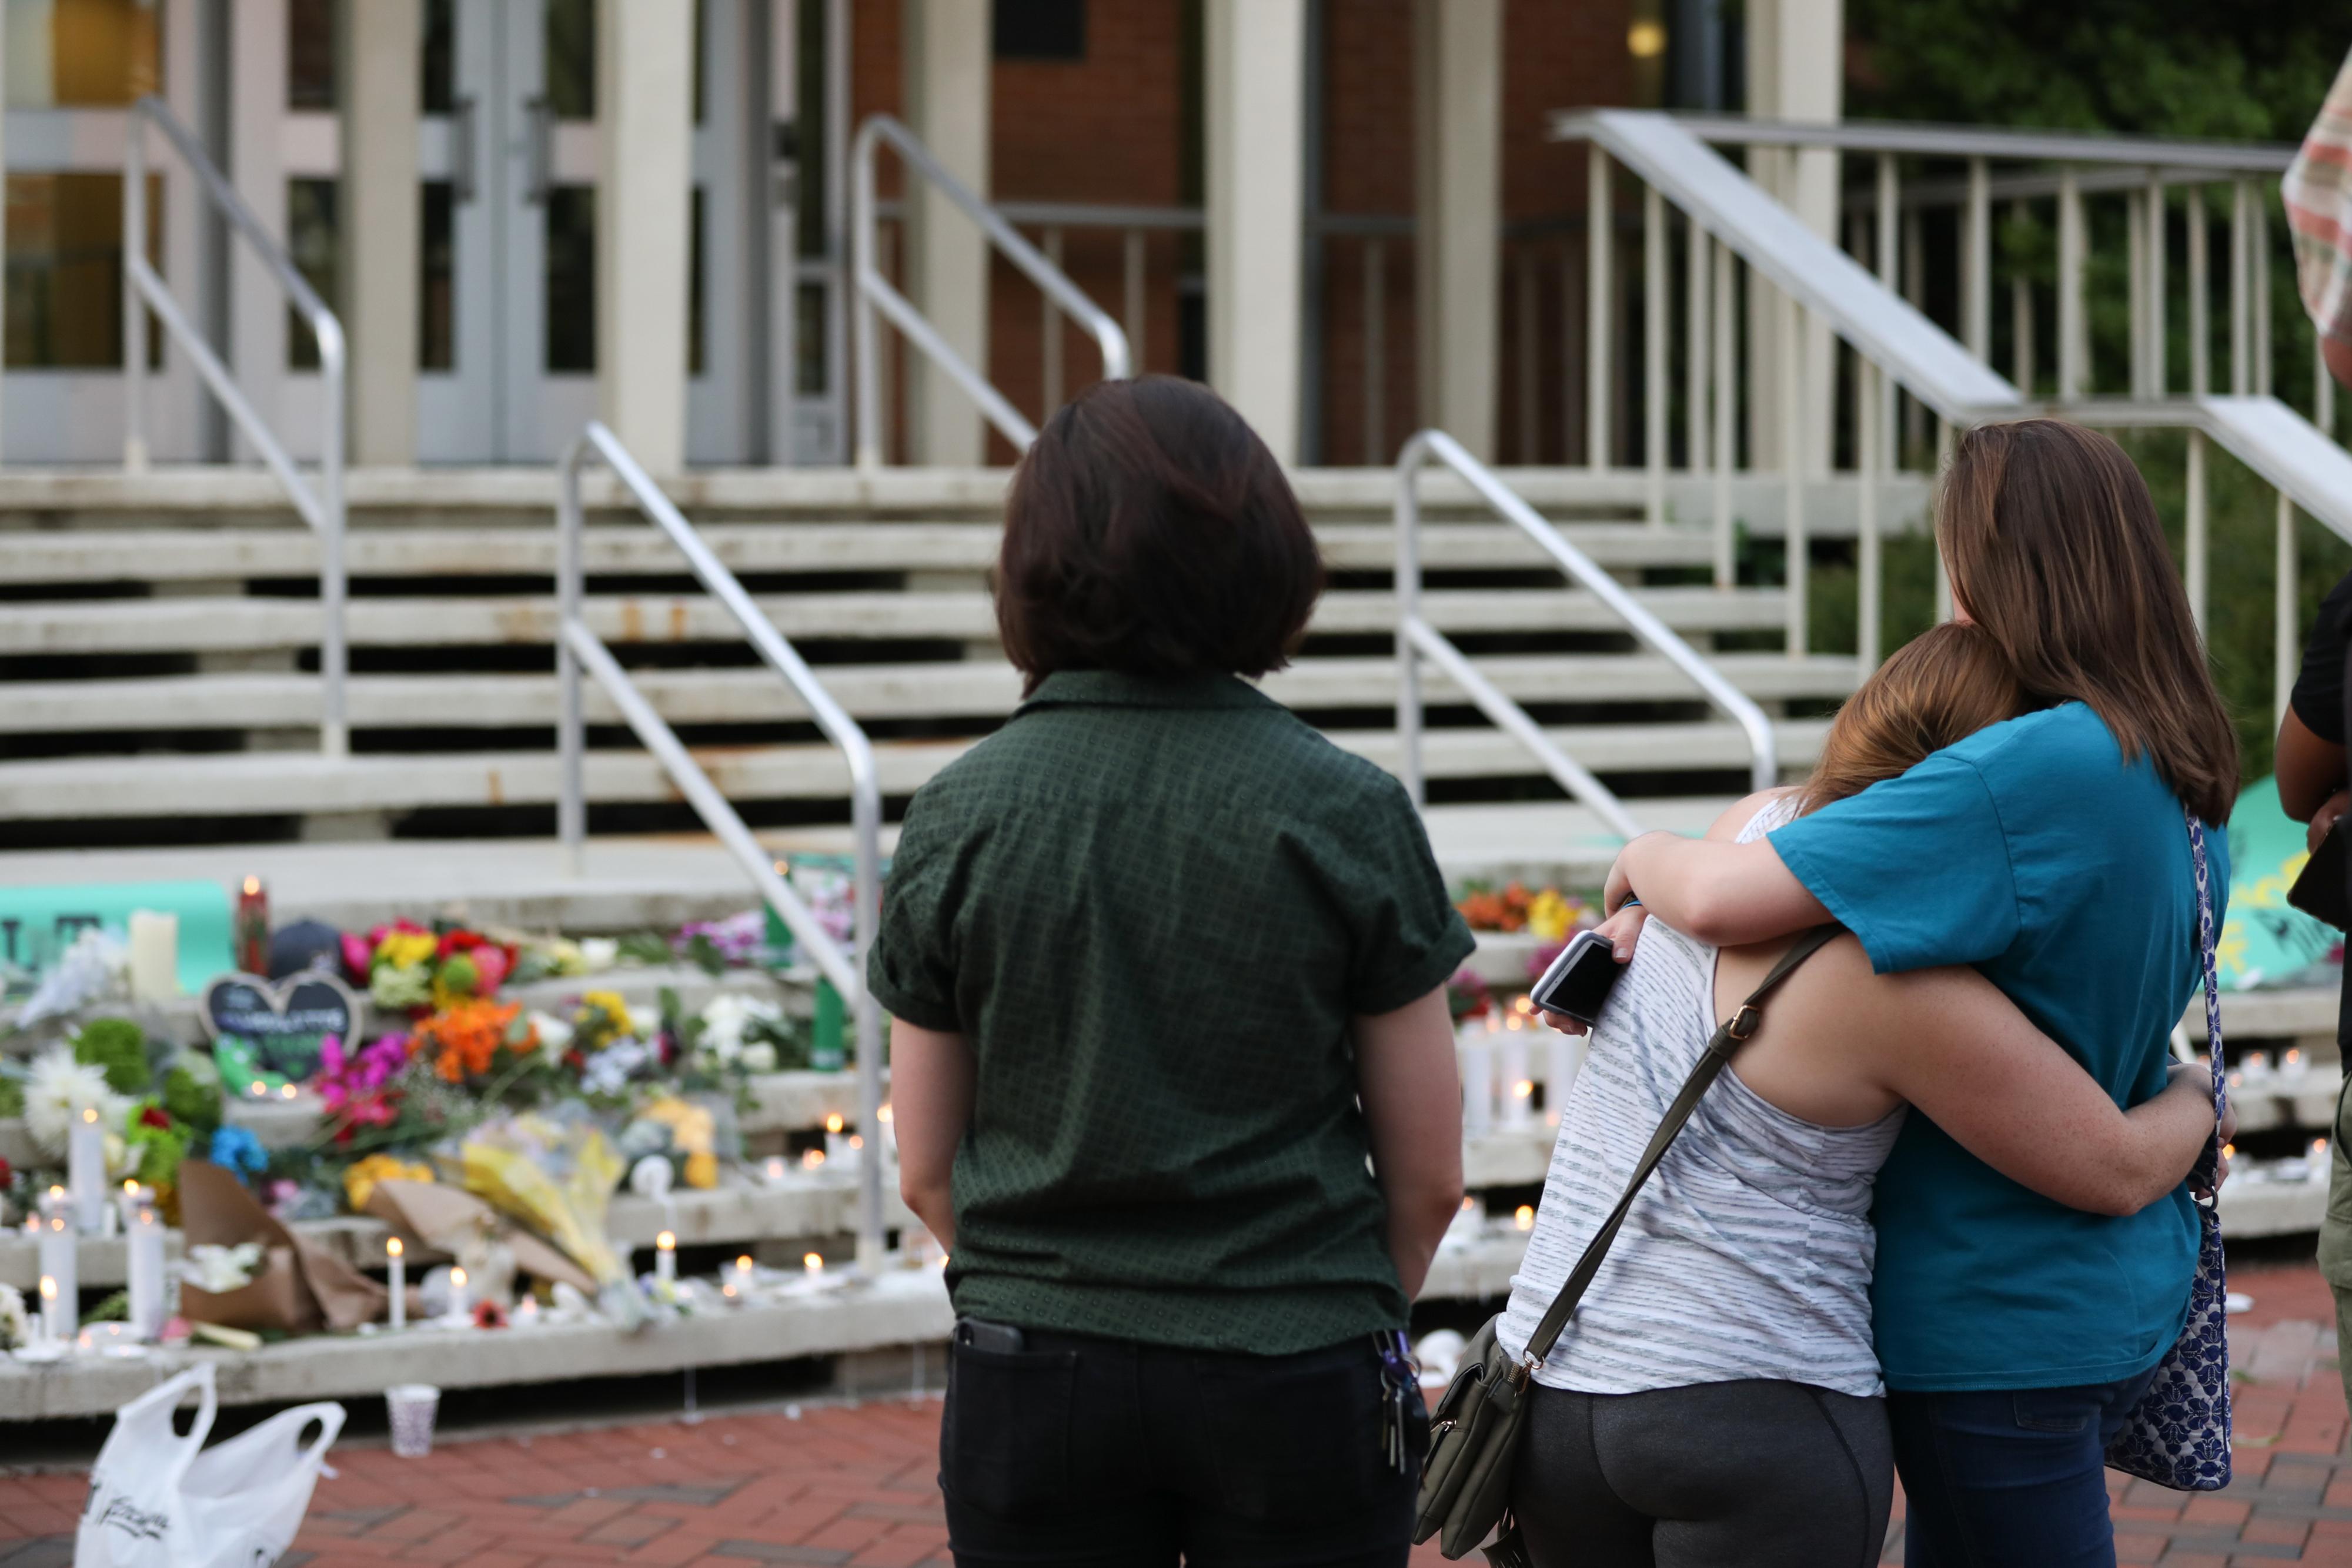 طلاب يضعون الزهور تخليدا لضحايا حادثة إطلاق النار في جامعة نورث كارولاينا